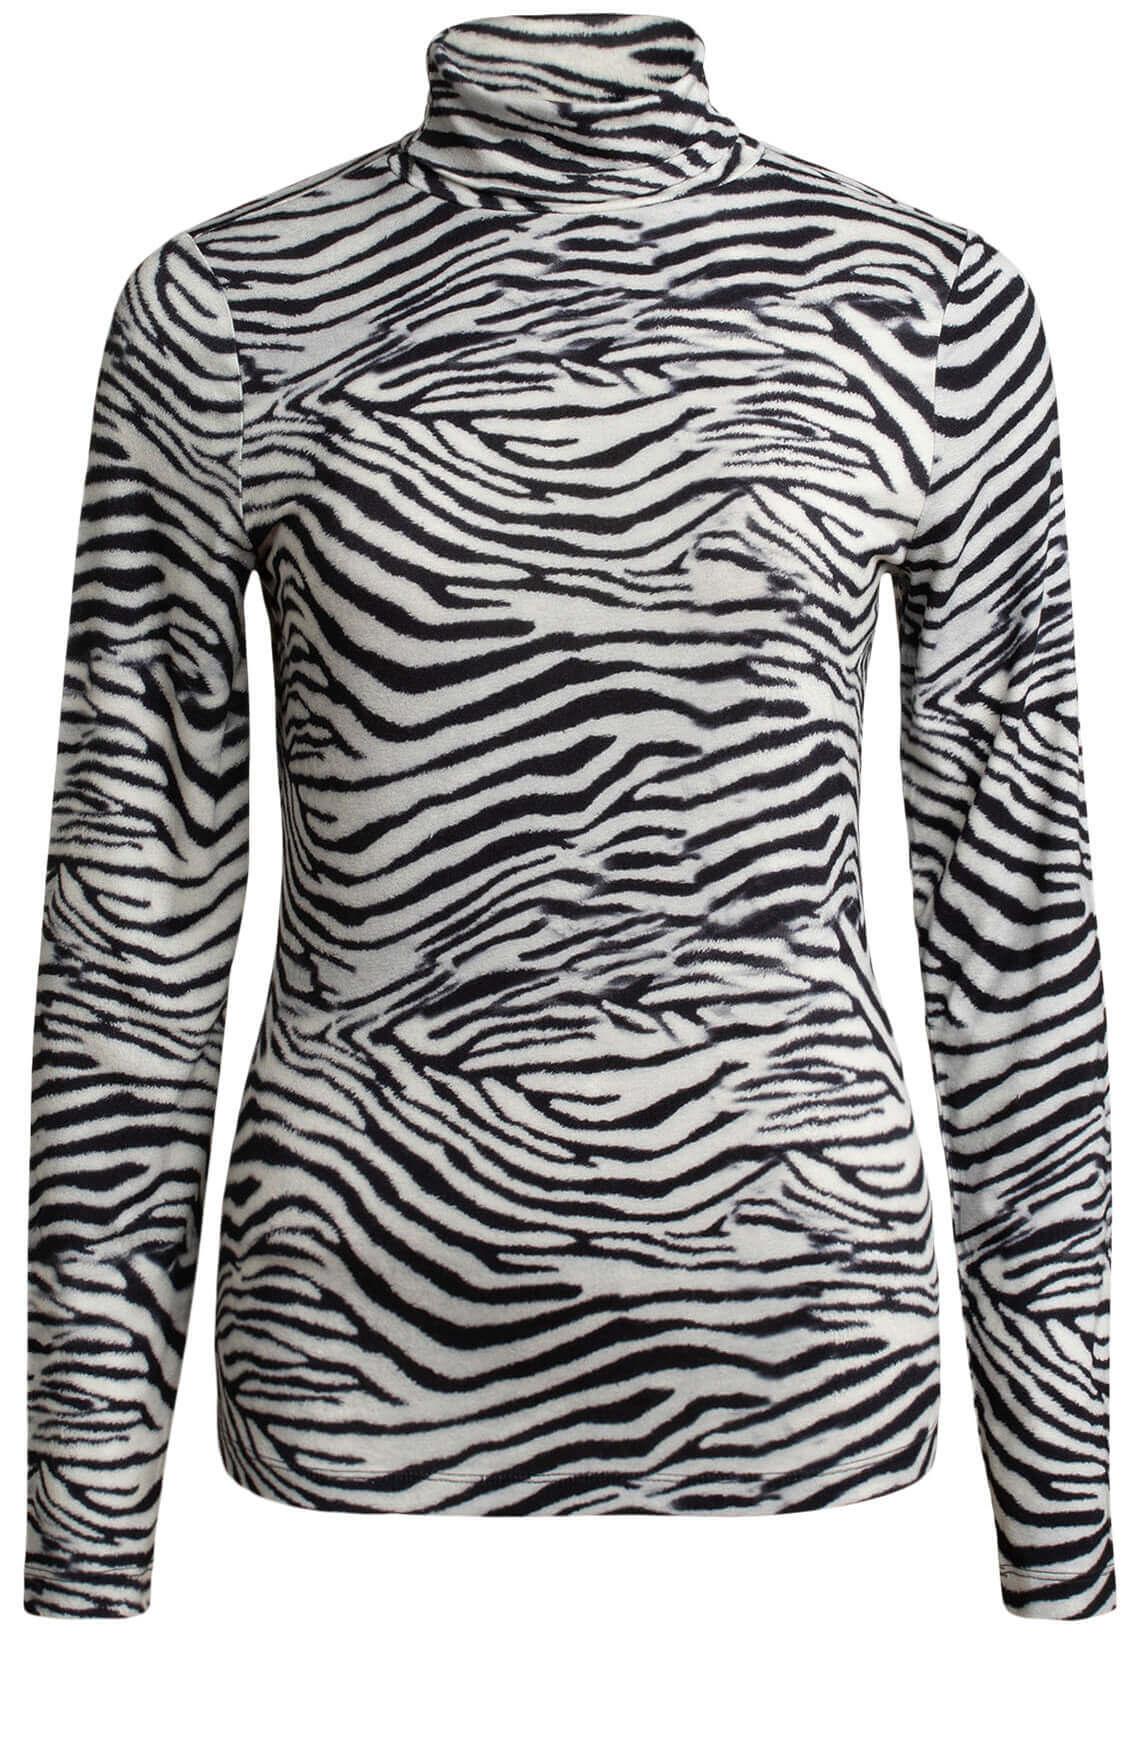 Anna Dames Zebra shirt zwart